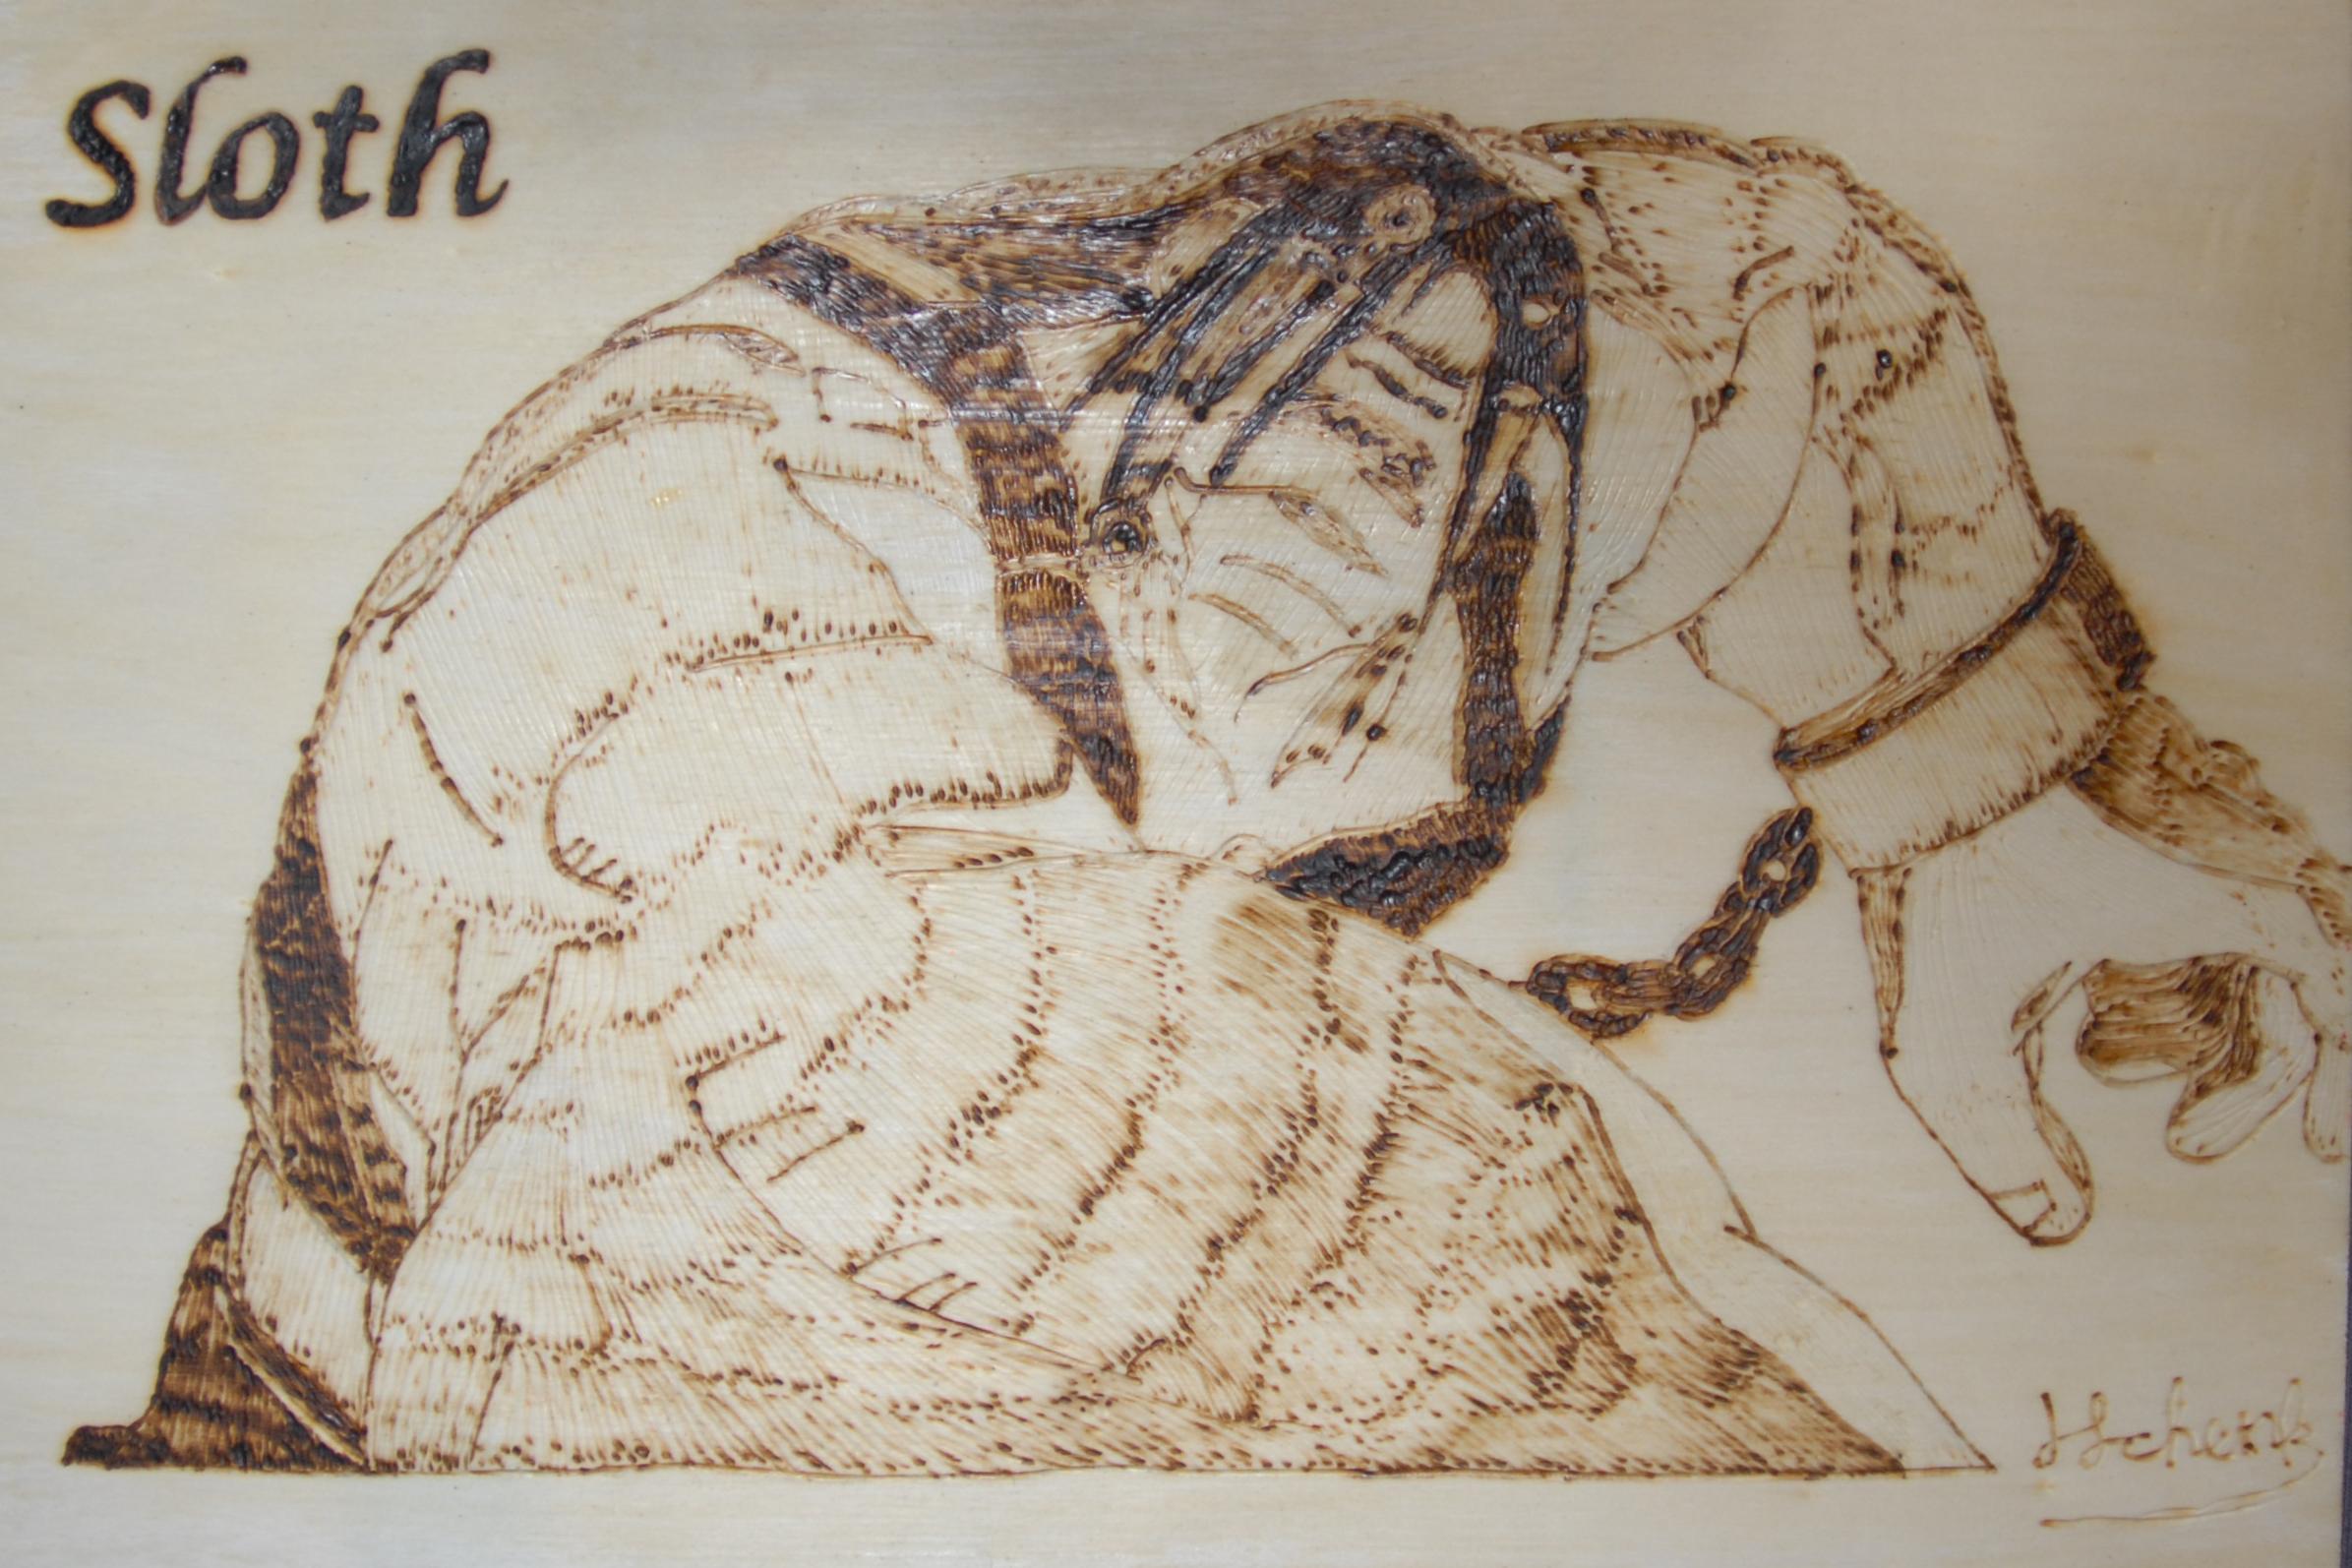 Extrêmement Fullmetal Alchemist Brotherhood Archives - www.ilfirinfeanaro.ch MF28